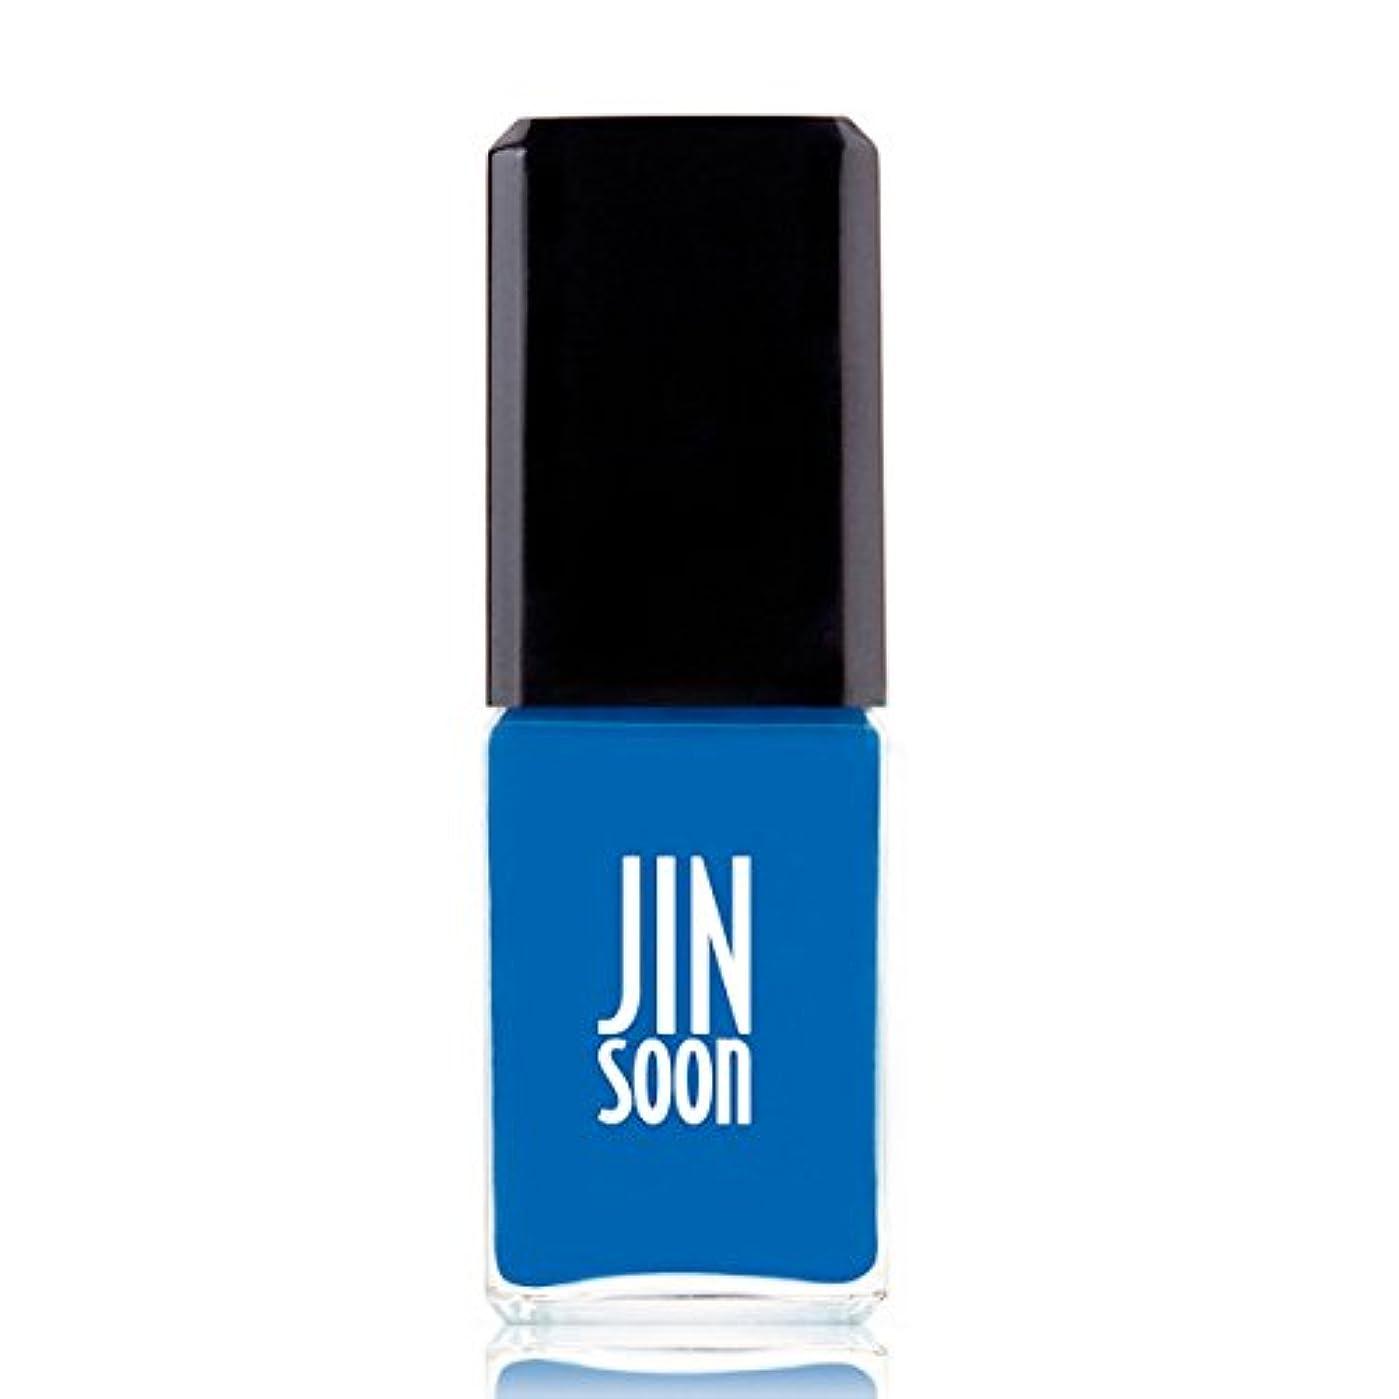 ホバー辛な政権[ジンスーン] [ jinsoon] クールブルー (セルリアンブルー)COOL BLUE ジンスーン 5フリー ネイルポリッシュ【ブルー】 11mL